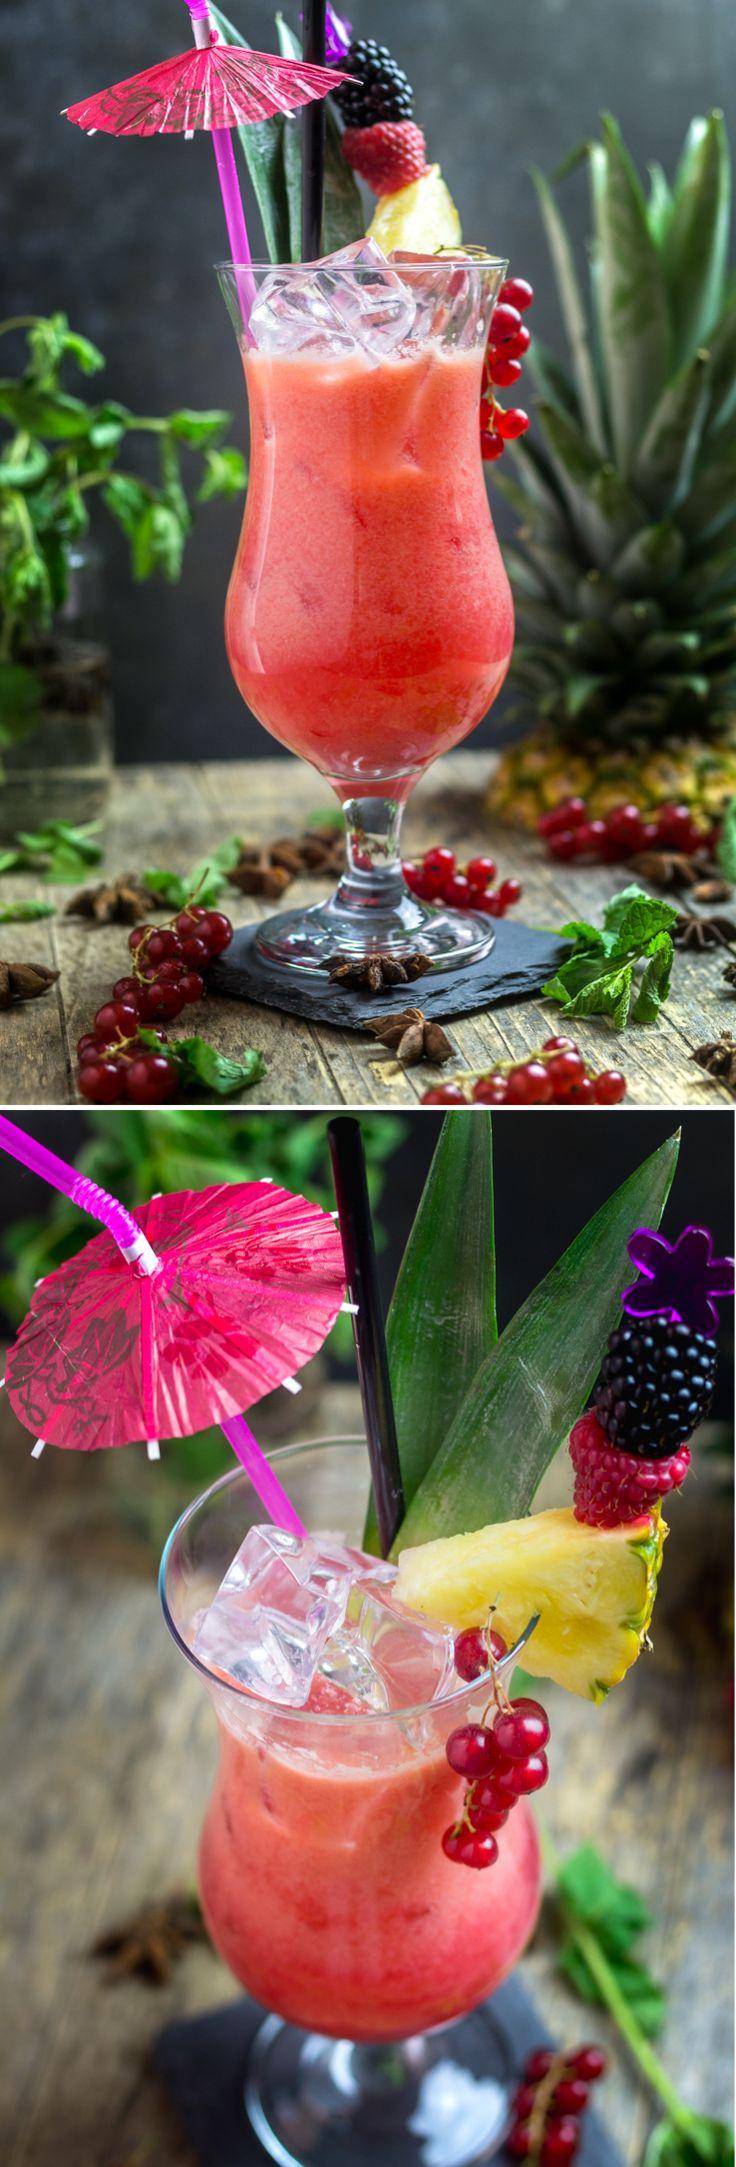 """Il cocktail '50🍹 è una rivisitazione in chiave analcolica della celeberrima Pina Colada🍍. Un cocktail """"tutte le ore"""" da bere di pomeriggio 🌇 o nel tardo dopocena 🌃, lasciatevi conquistare! 😊 Vi aspetto sul blog per la ricetta!😋😉  #Analcolico #Ananas #Benefico #Caraibi #Cocktail #Drink #Pina Colada #Porto Rico #Ricette #Ricordi #Salute #Spiaggia  #Bar #Drink #Glass #Instagood #Photooftheday #Pub #Slurp #Yummy #Instafood #Foodaddict #Foodart #Foodblog #F"""